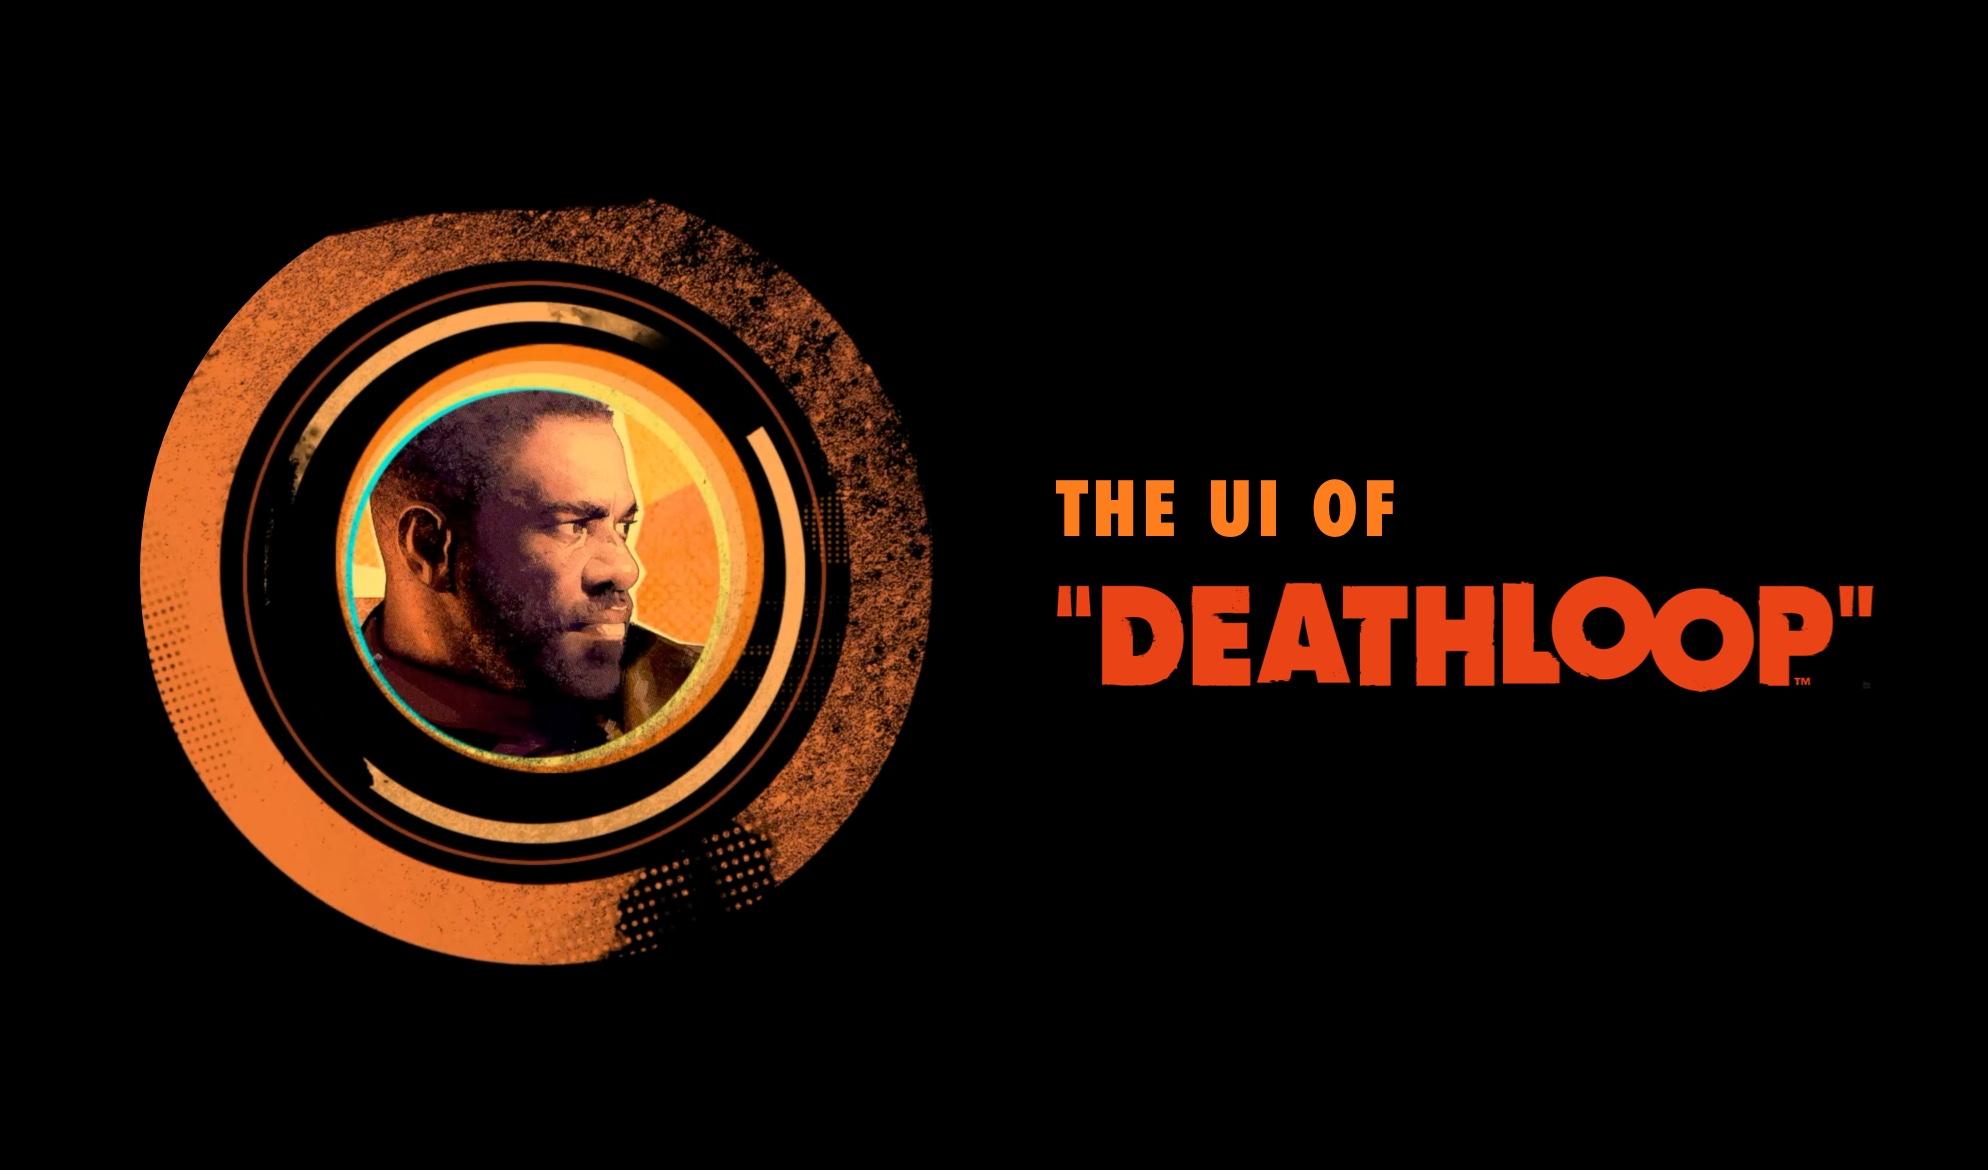 UI of Deathloop